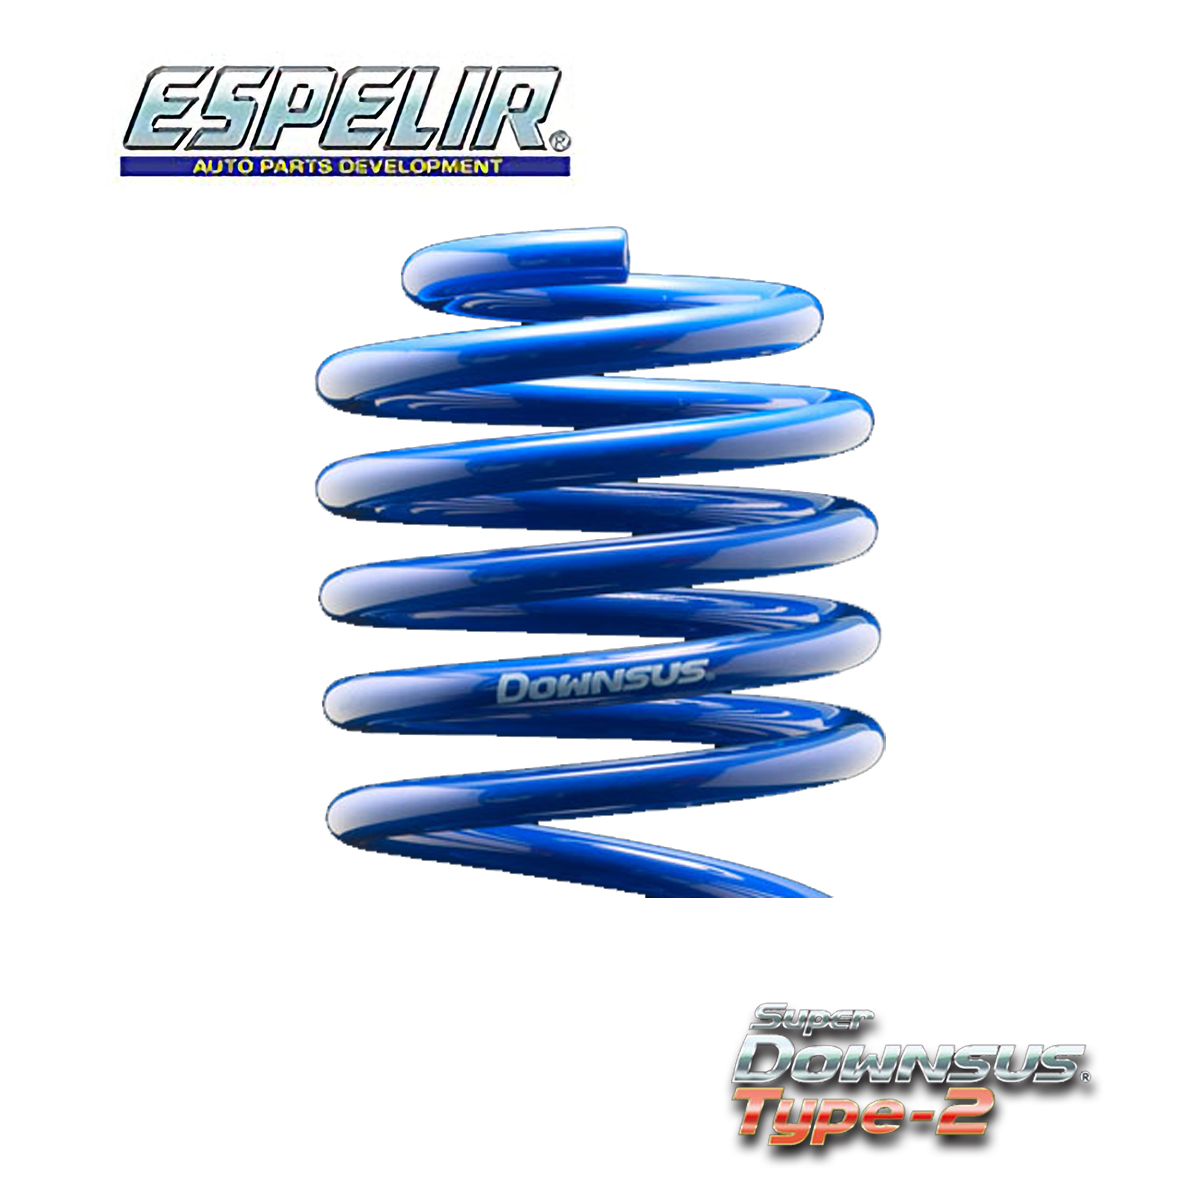 エスペリア ピクシストラック S211U スプリング ダウンサス 1台分 EST-3993 スーパーダウンサス タイプ2 Super DOWNSUS Type2 ESPELIR